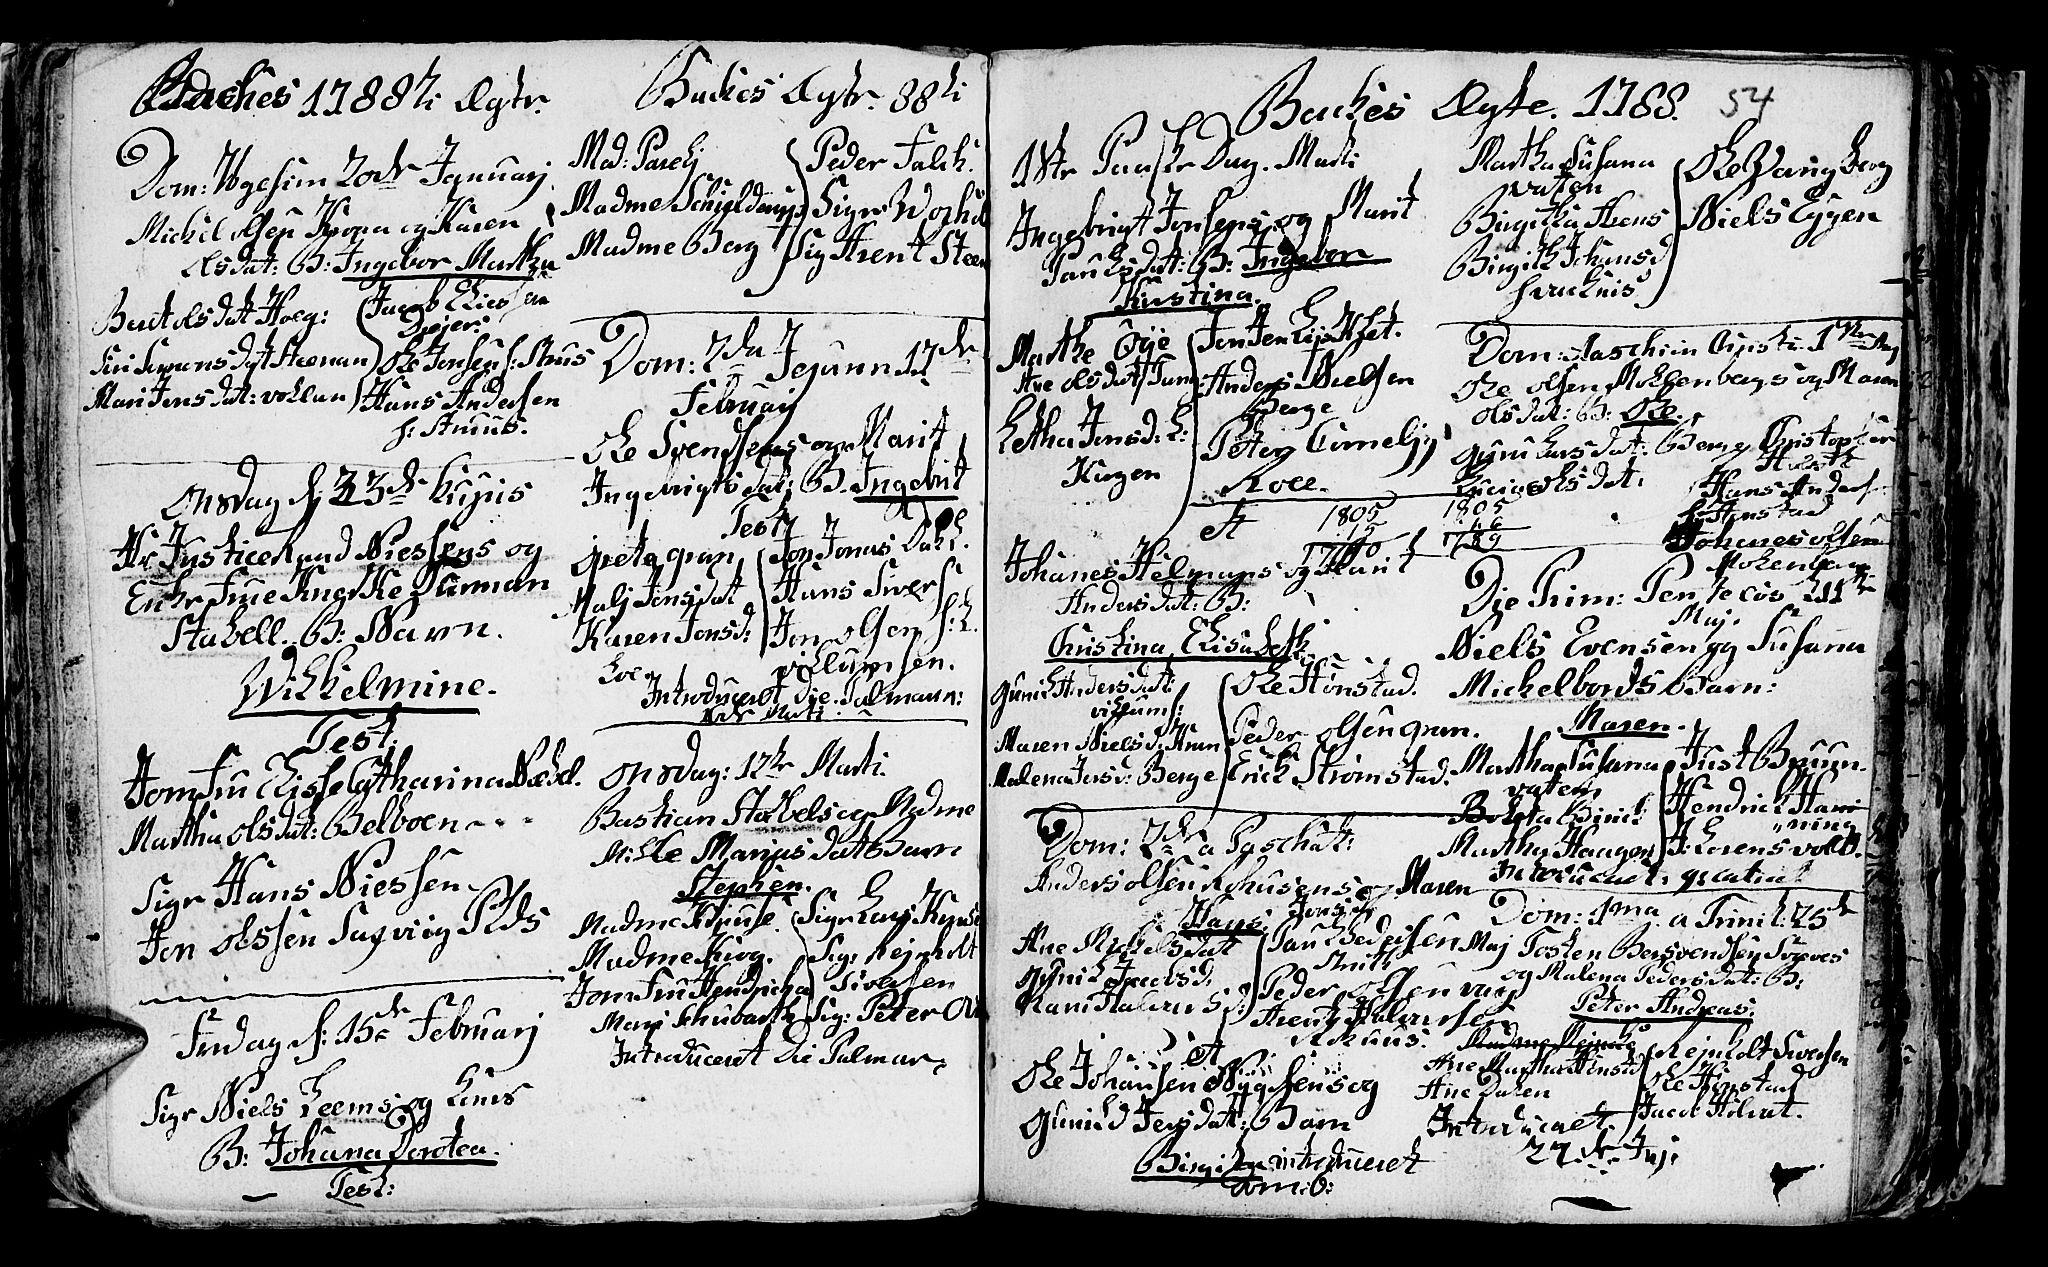 SAT, Ministerialprotokoller, klokkerbøker og fødselsregistre - Sør-Trøndelag, 604/L0218: Klokkerbok nr. 604C01, 1754-1819, s. 54